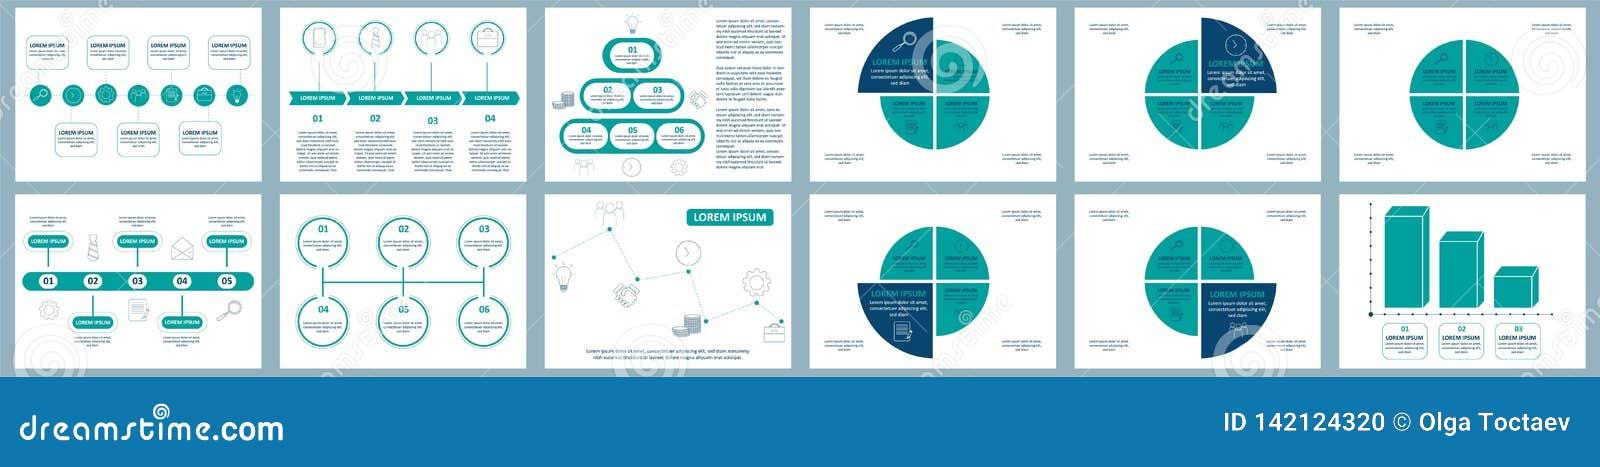 Eps 8 Samling av mallar för cirkuleringsdiagram, graf, presentation och runt diagram Affärsidé med